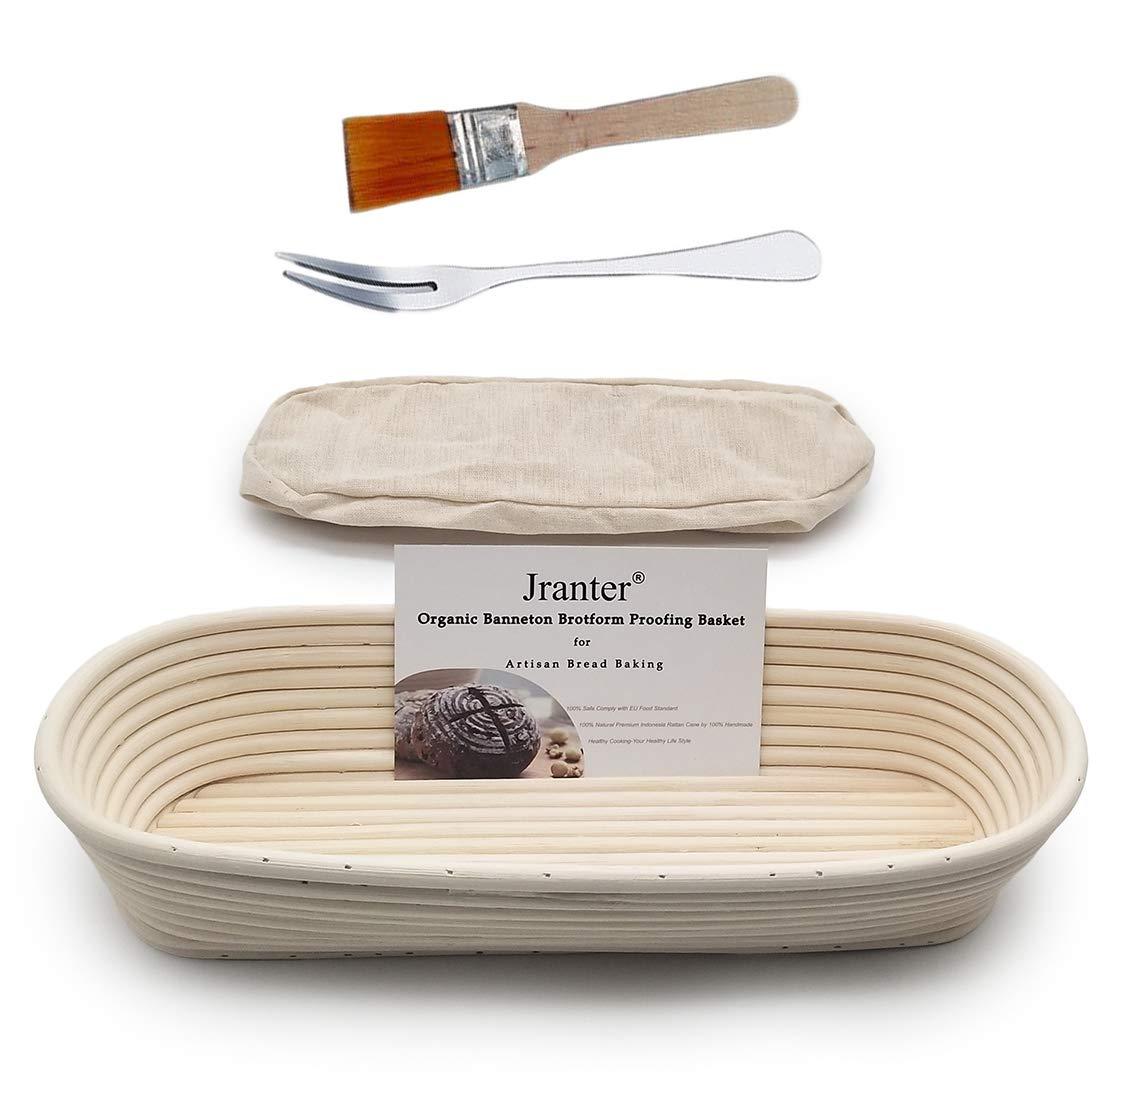 Banneton Bread Proofing Basket 10 pulgadas Brotform de levantamiento de masa fermentada ovalada, 25158 cm BabyFoxy